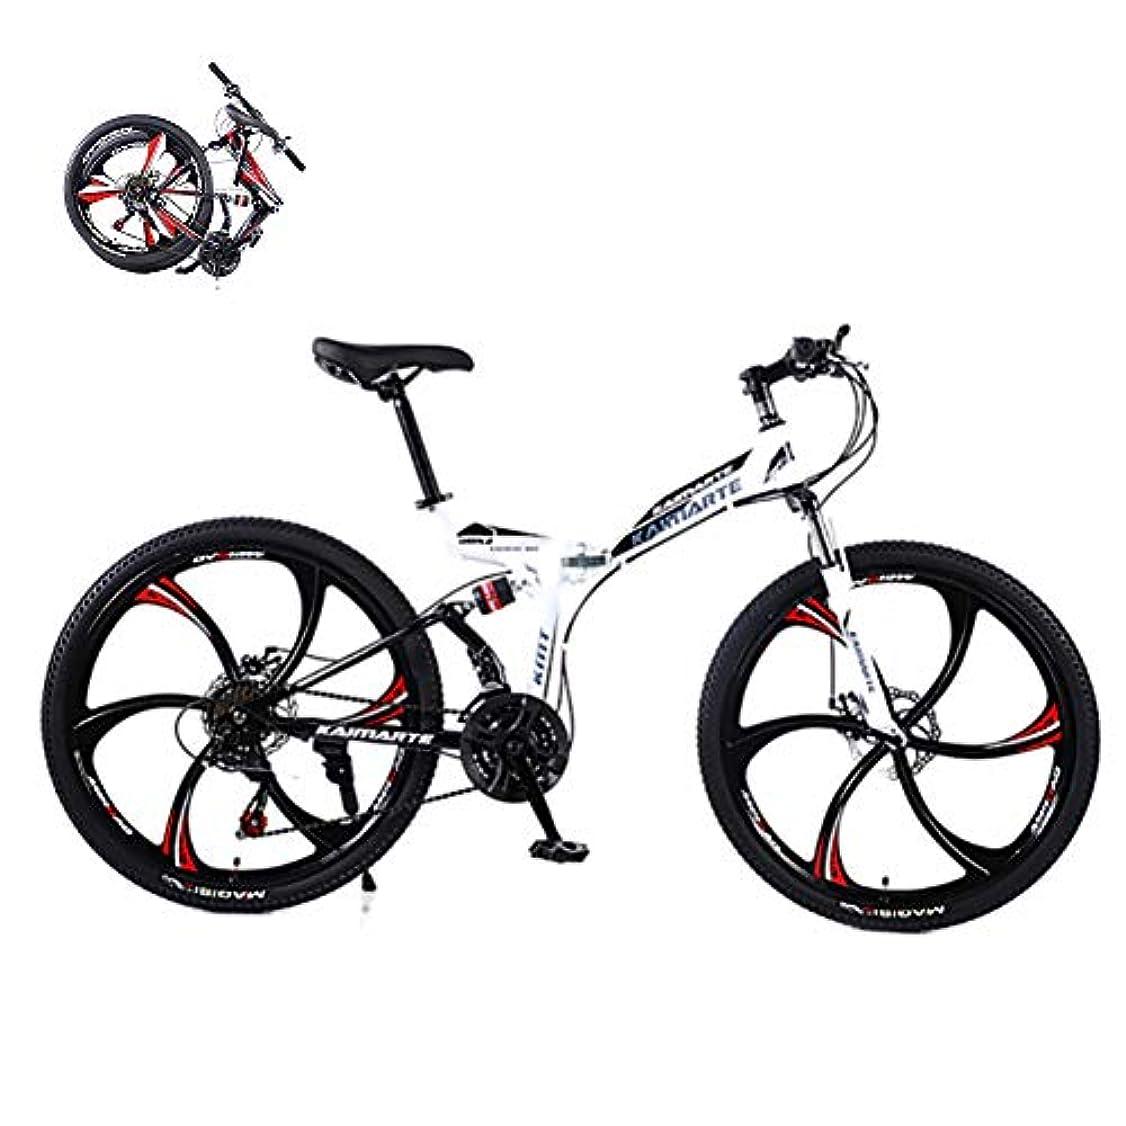 くびれた朝食を食べる均等に折りたたみ式大人用マウンテンバイク 27速ギアデュアルディスクブレーキマウンテン自転車高炭素鋼フルサスペンションフレームアウトロードバイク